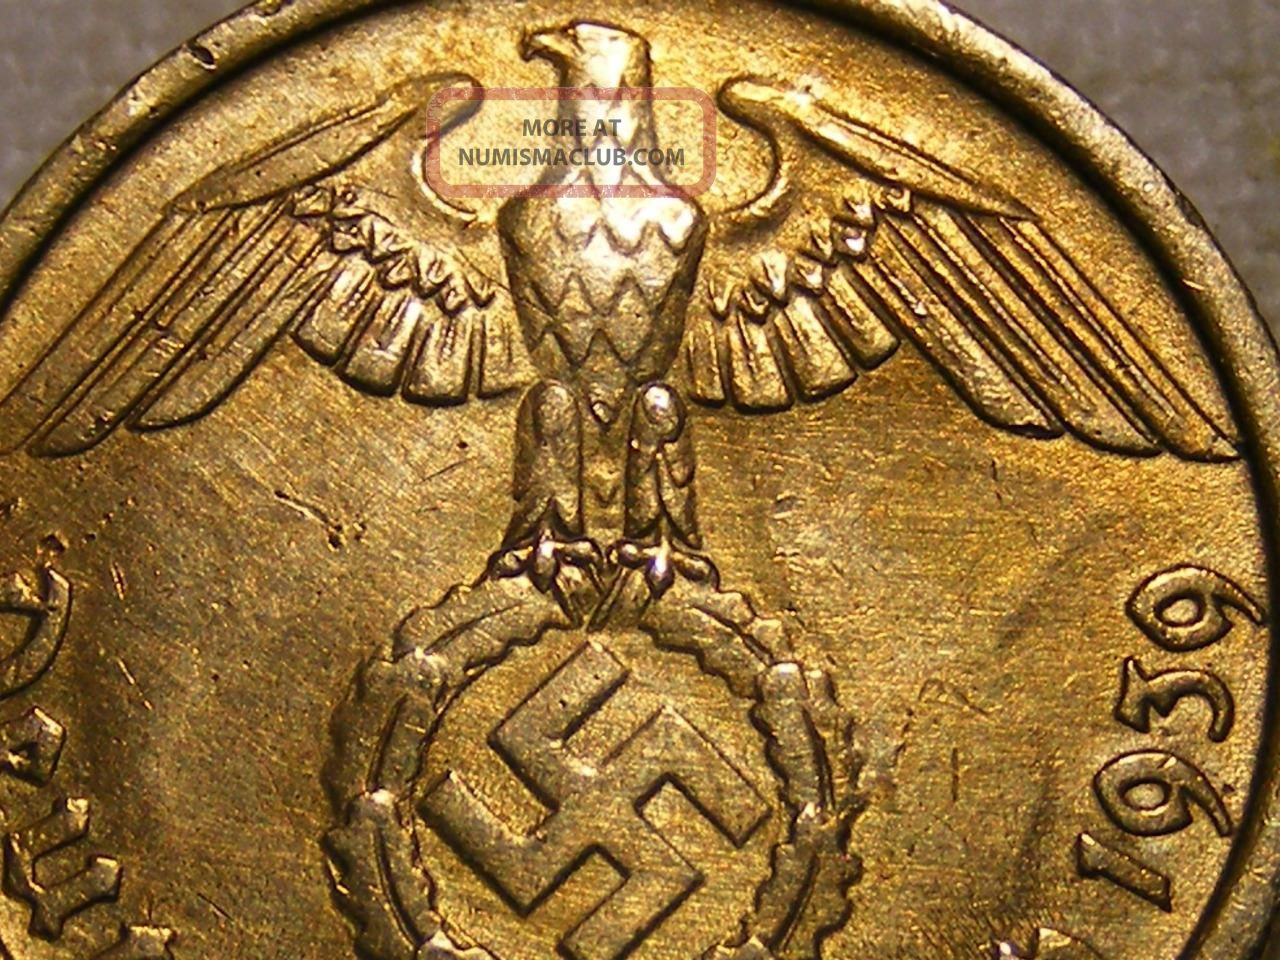 1939 Rare Old Wwii Nazi Hitler Germany 3rd Reich Brass Reichspfennig War Coin Germany photo